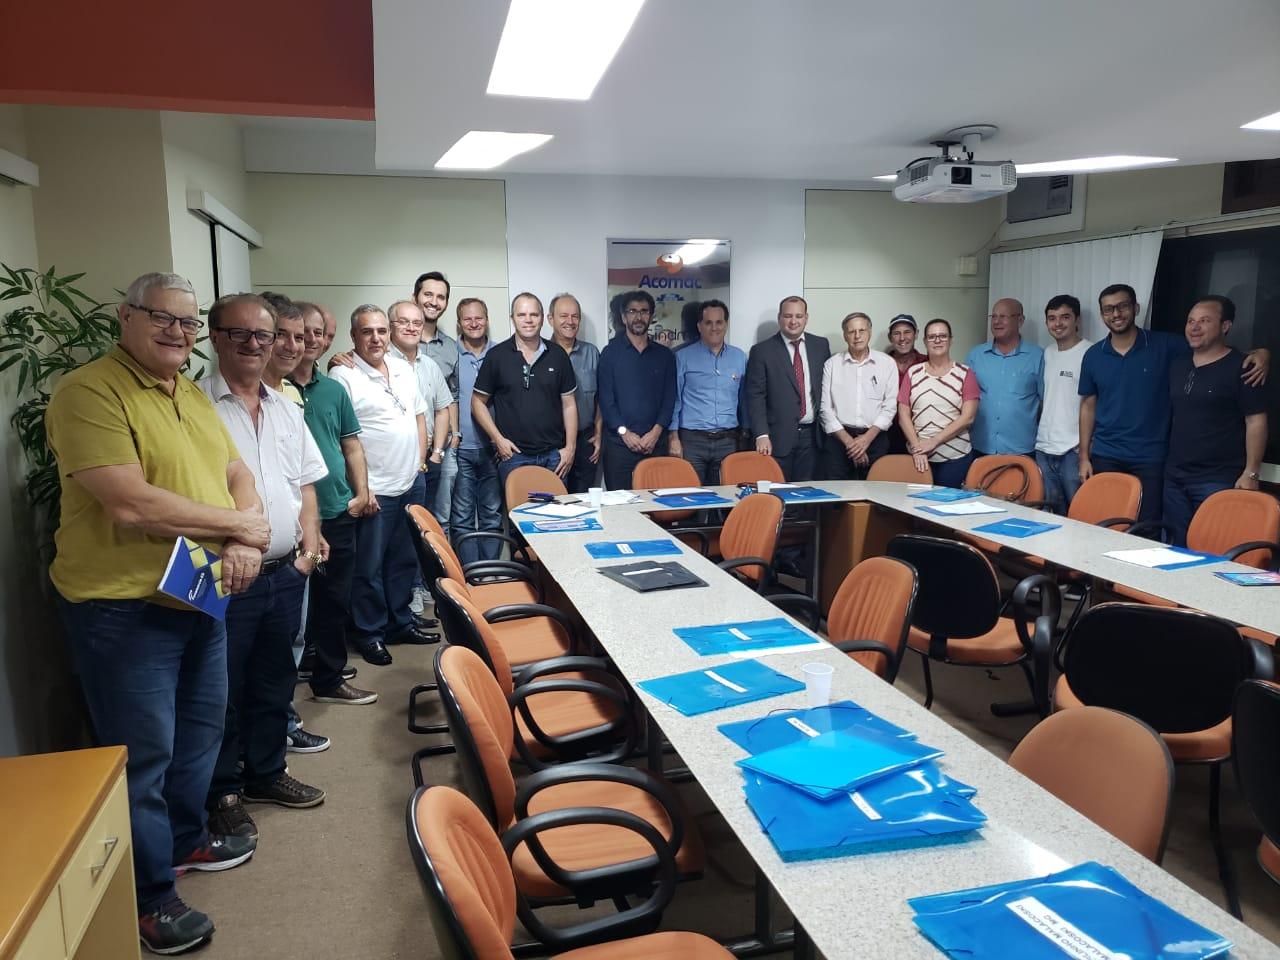 Assembleia Geral Extraordinária da Acomac-ES elege Diretoria para o biênio 2019-2021